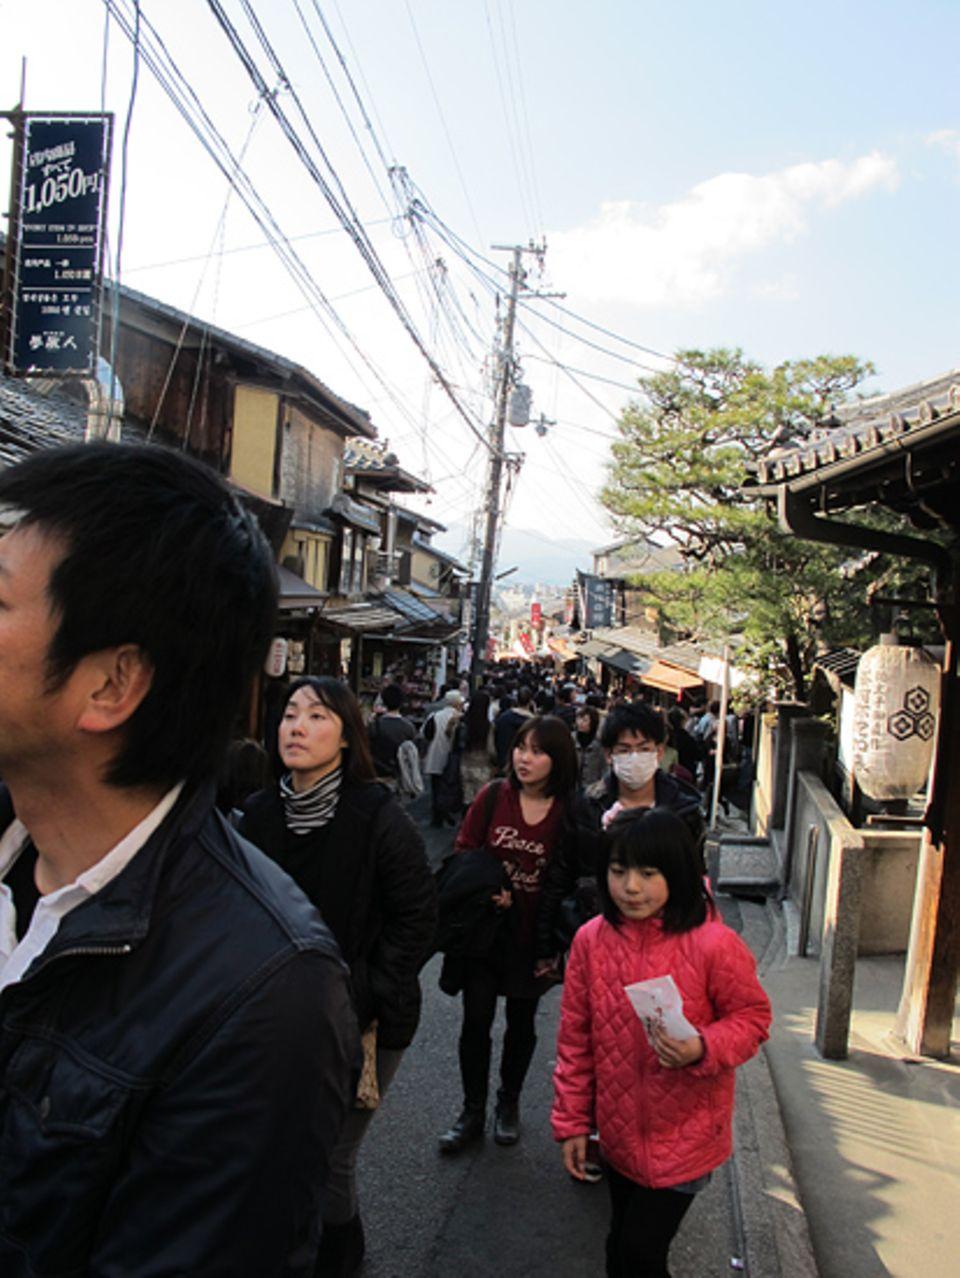 Japan: Die Japaner versuchen den Alltag wie gewohnt weiter zu leben